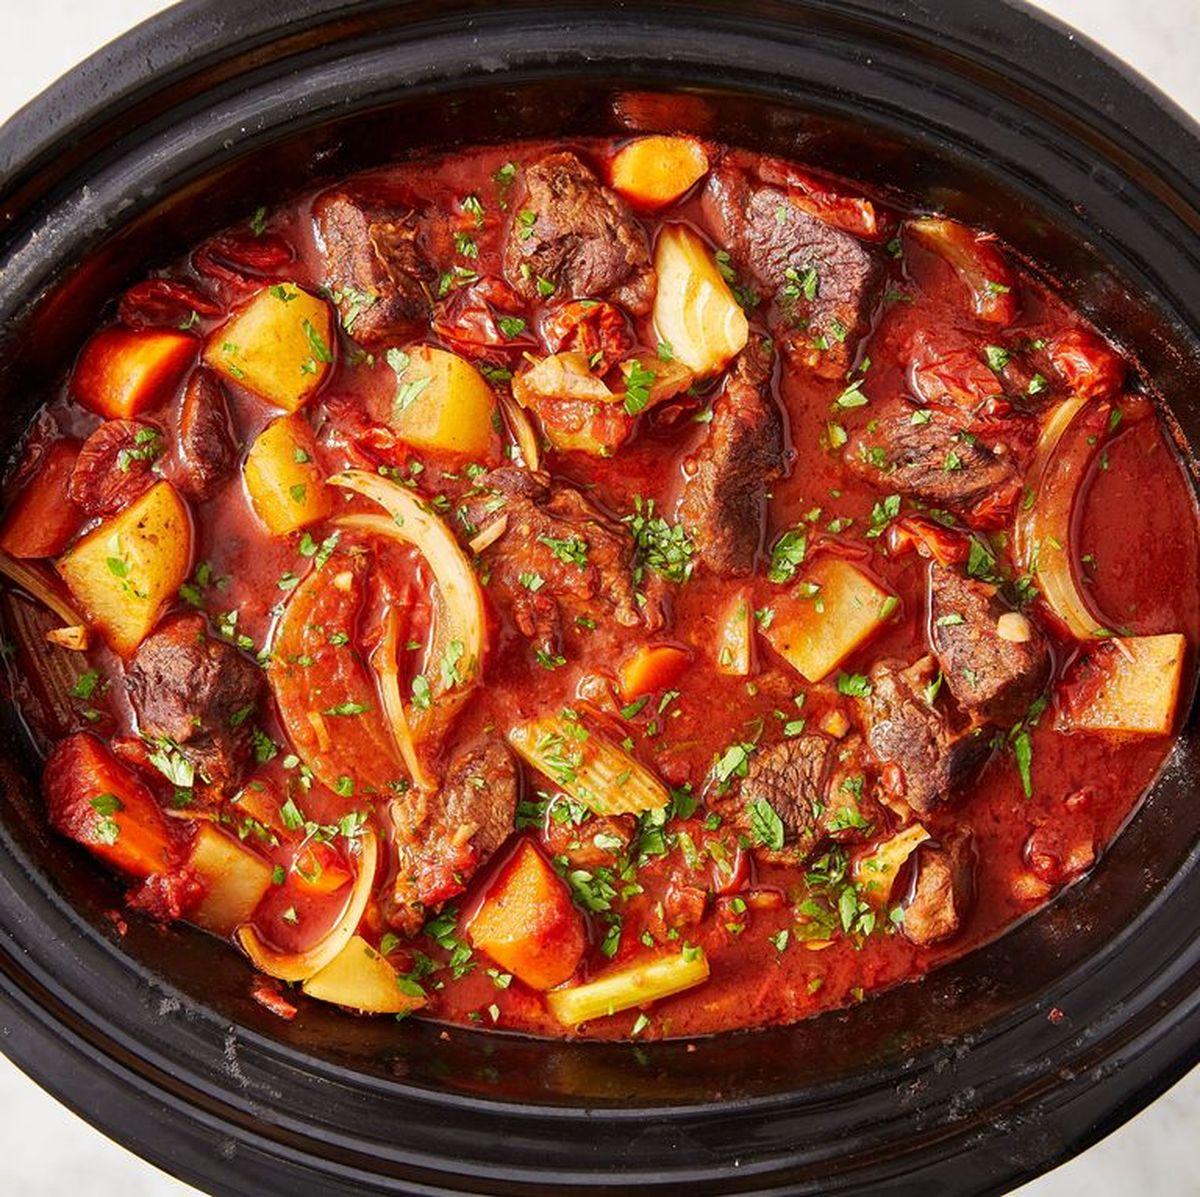 La mijoteuse est la garantie d'avoir des plats succulents et moelleux comme du velour. Le temps est la clé et on vous dit ce qu'il faut pour bien cuisiner avec une mijoteuse.